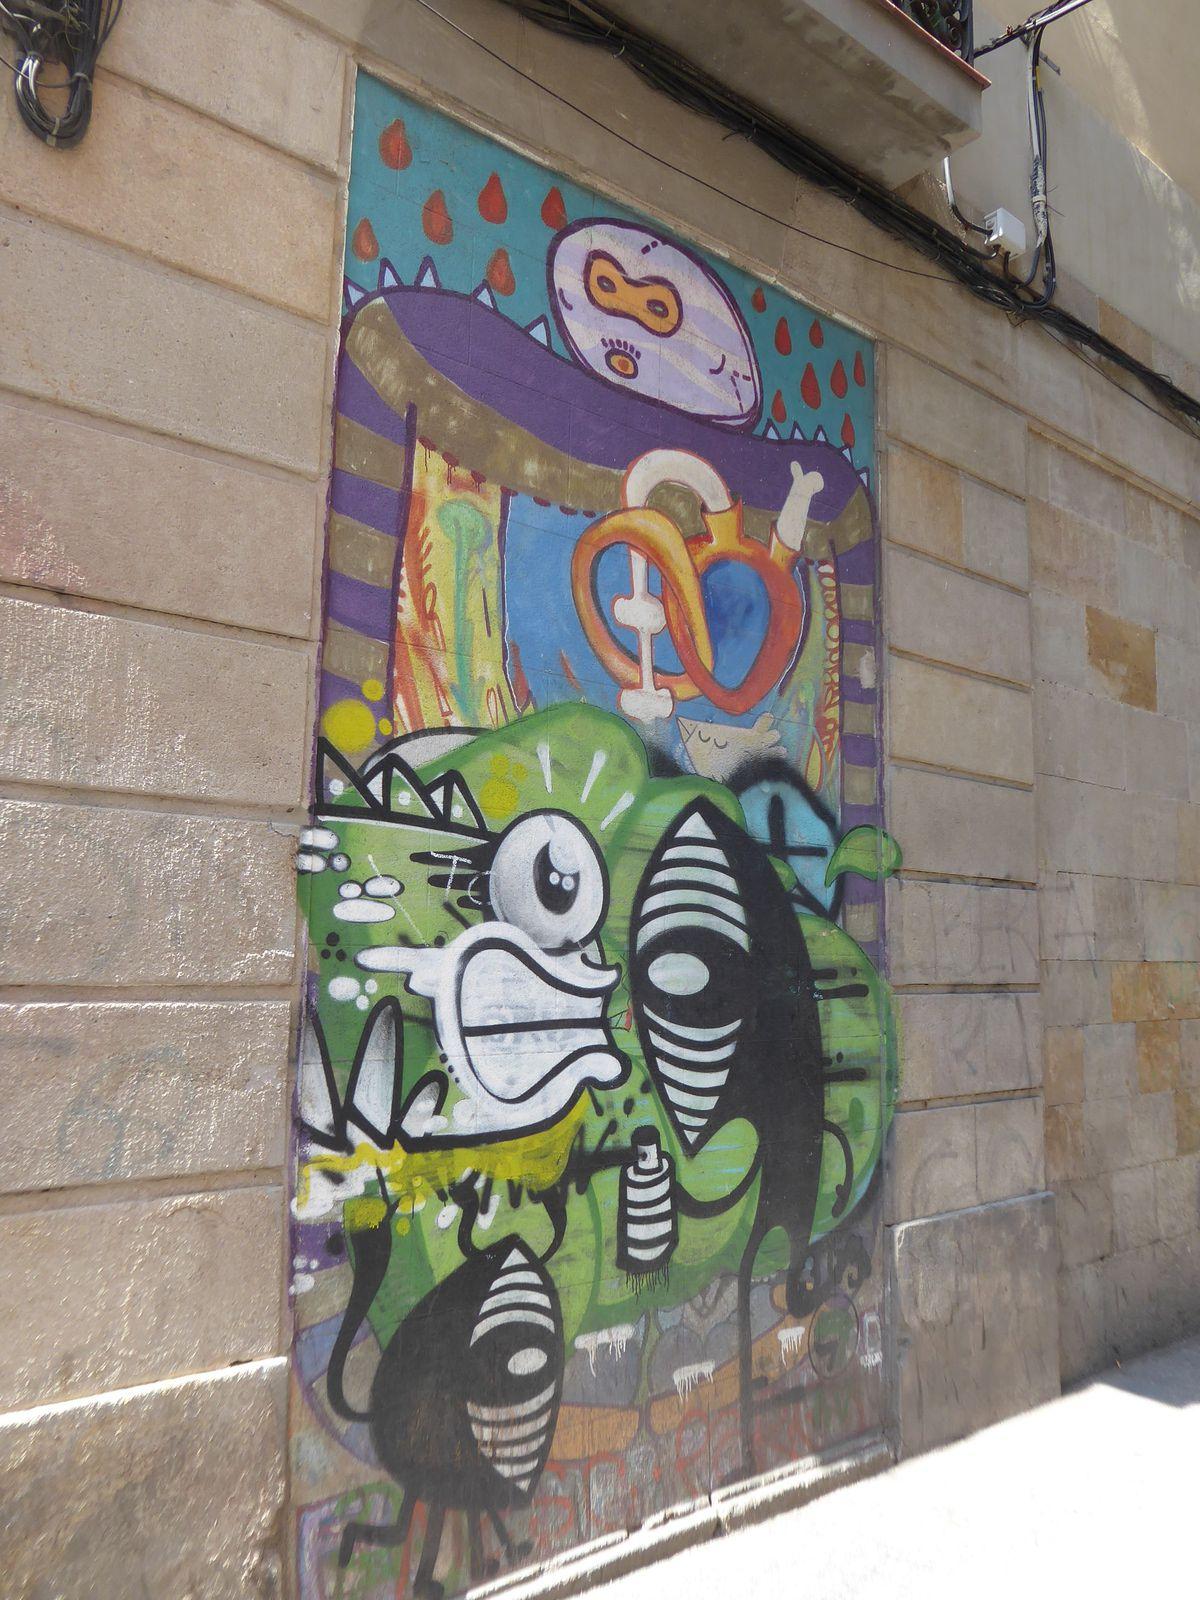 Espagne 2019 #30 Barri Gotic